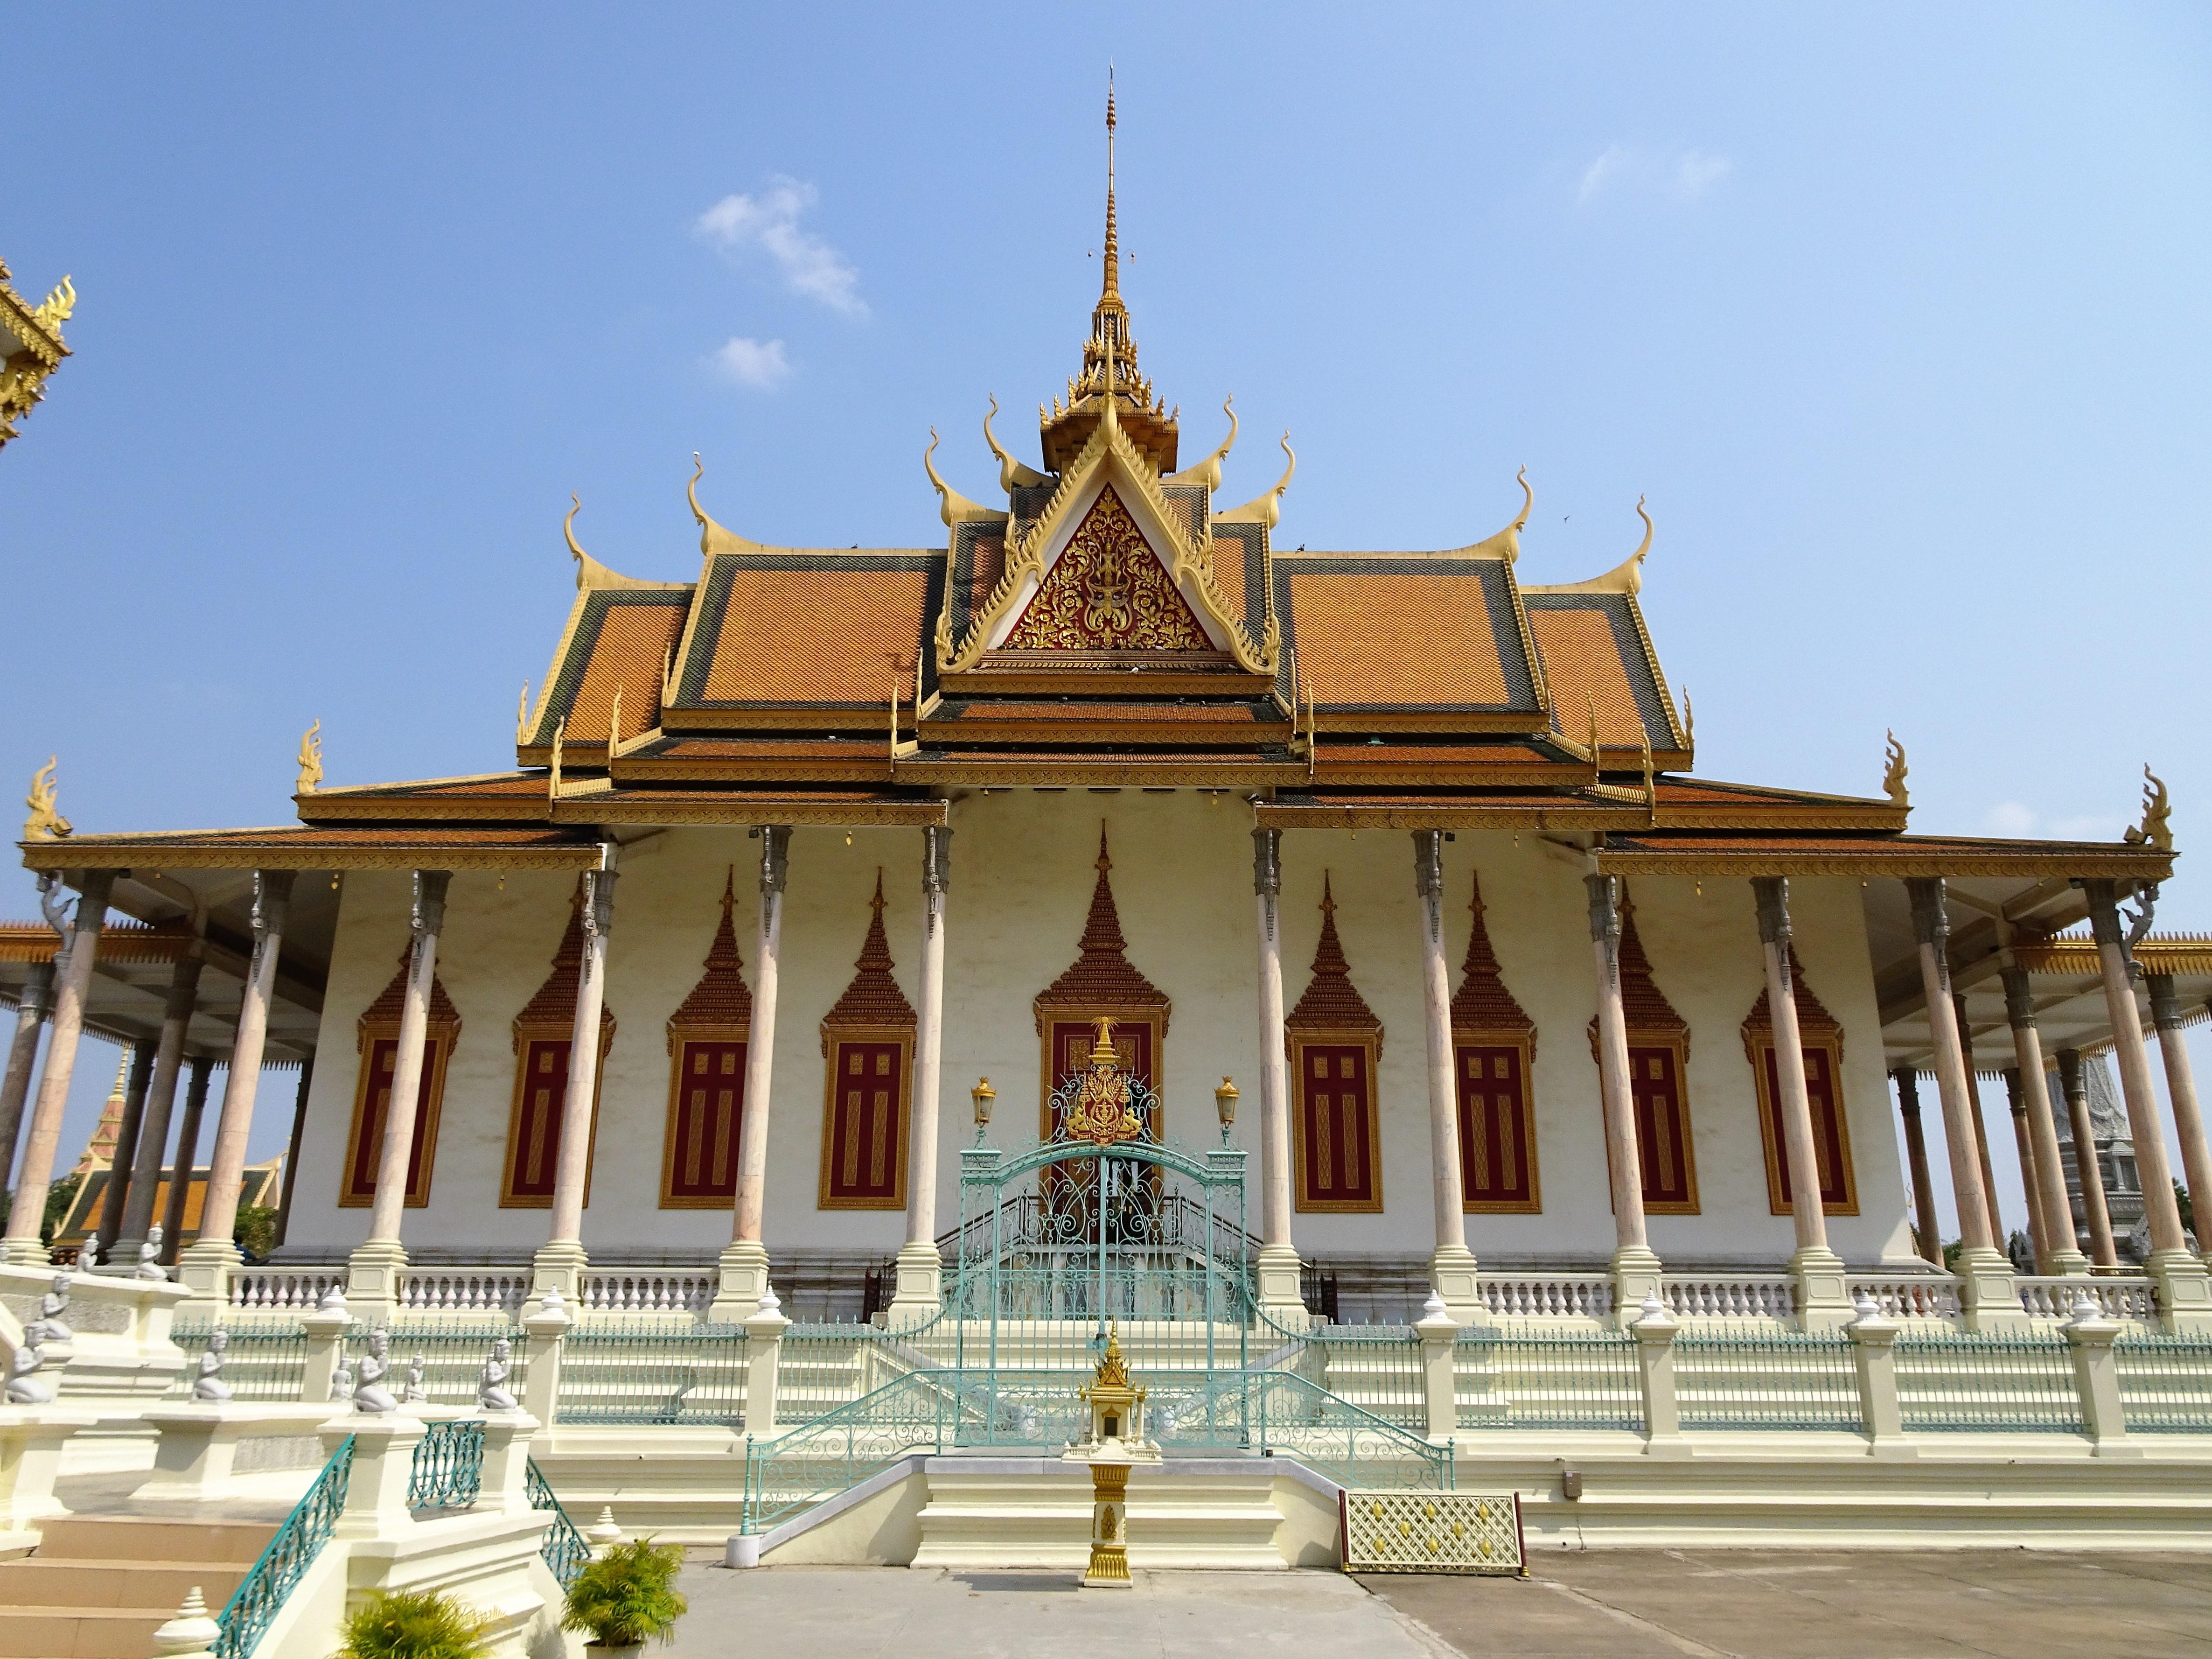 Palais royal - la pagode d'argent